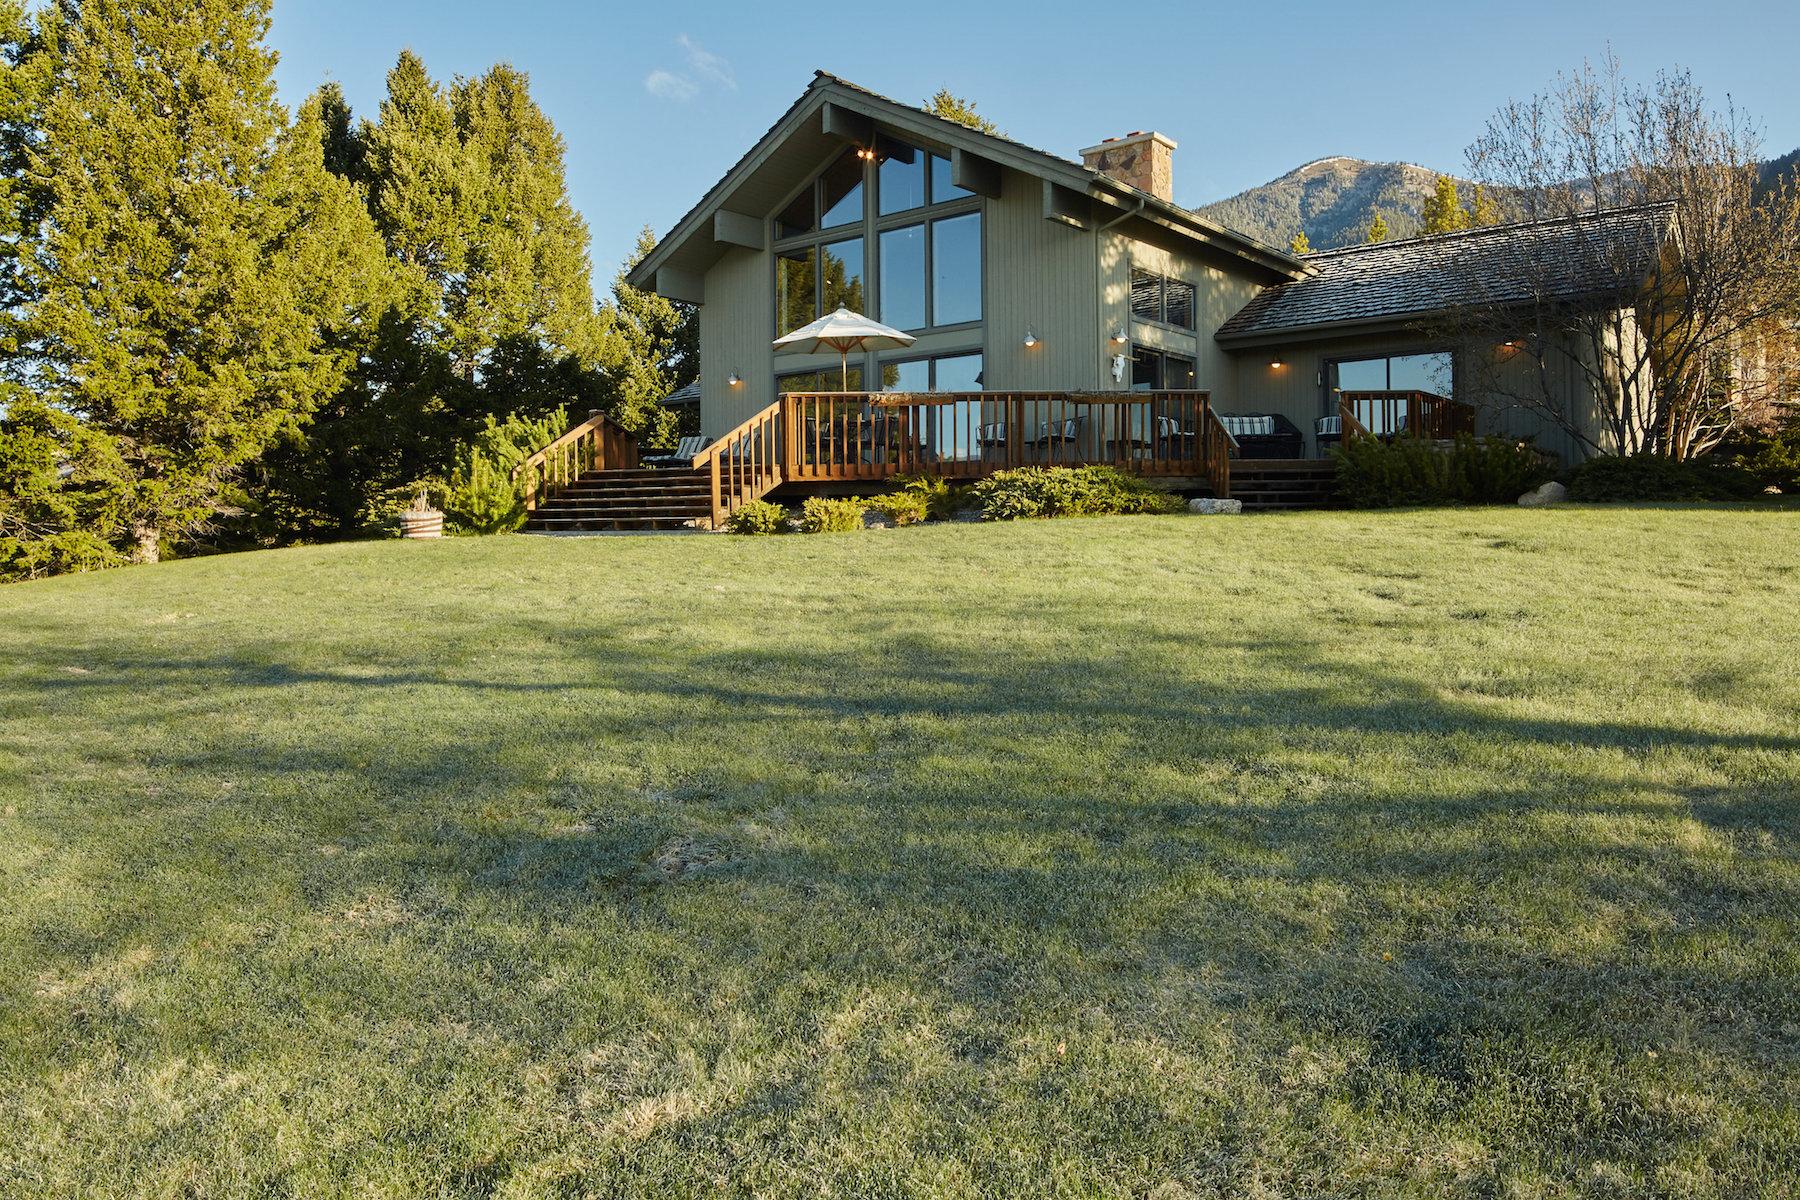 Частный односемейный дом для того Продажа на 2670 Bobtail Horse Rd 2670 Bobtail Horse Sweetgrass Hills B3 Big Sky, Монтана 59716 Соединенные Штаты